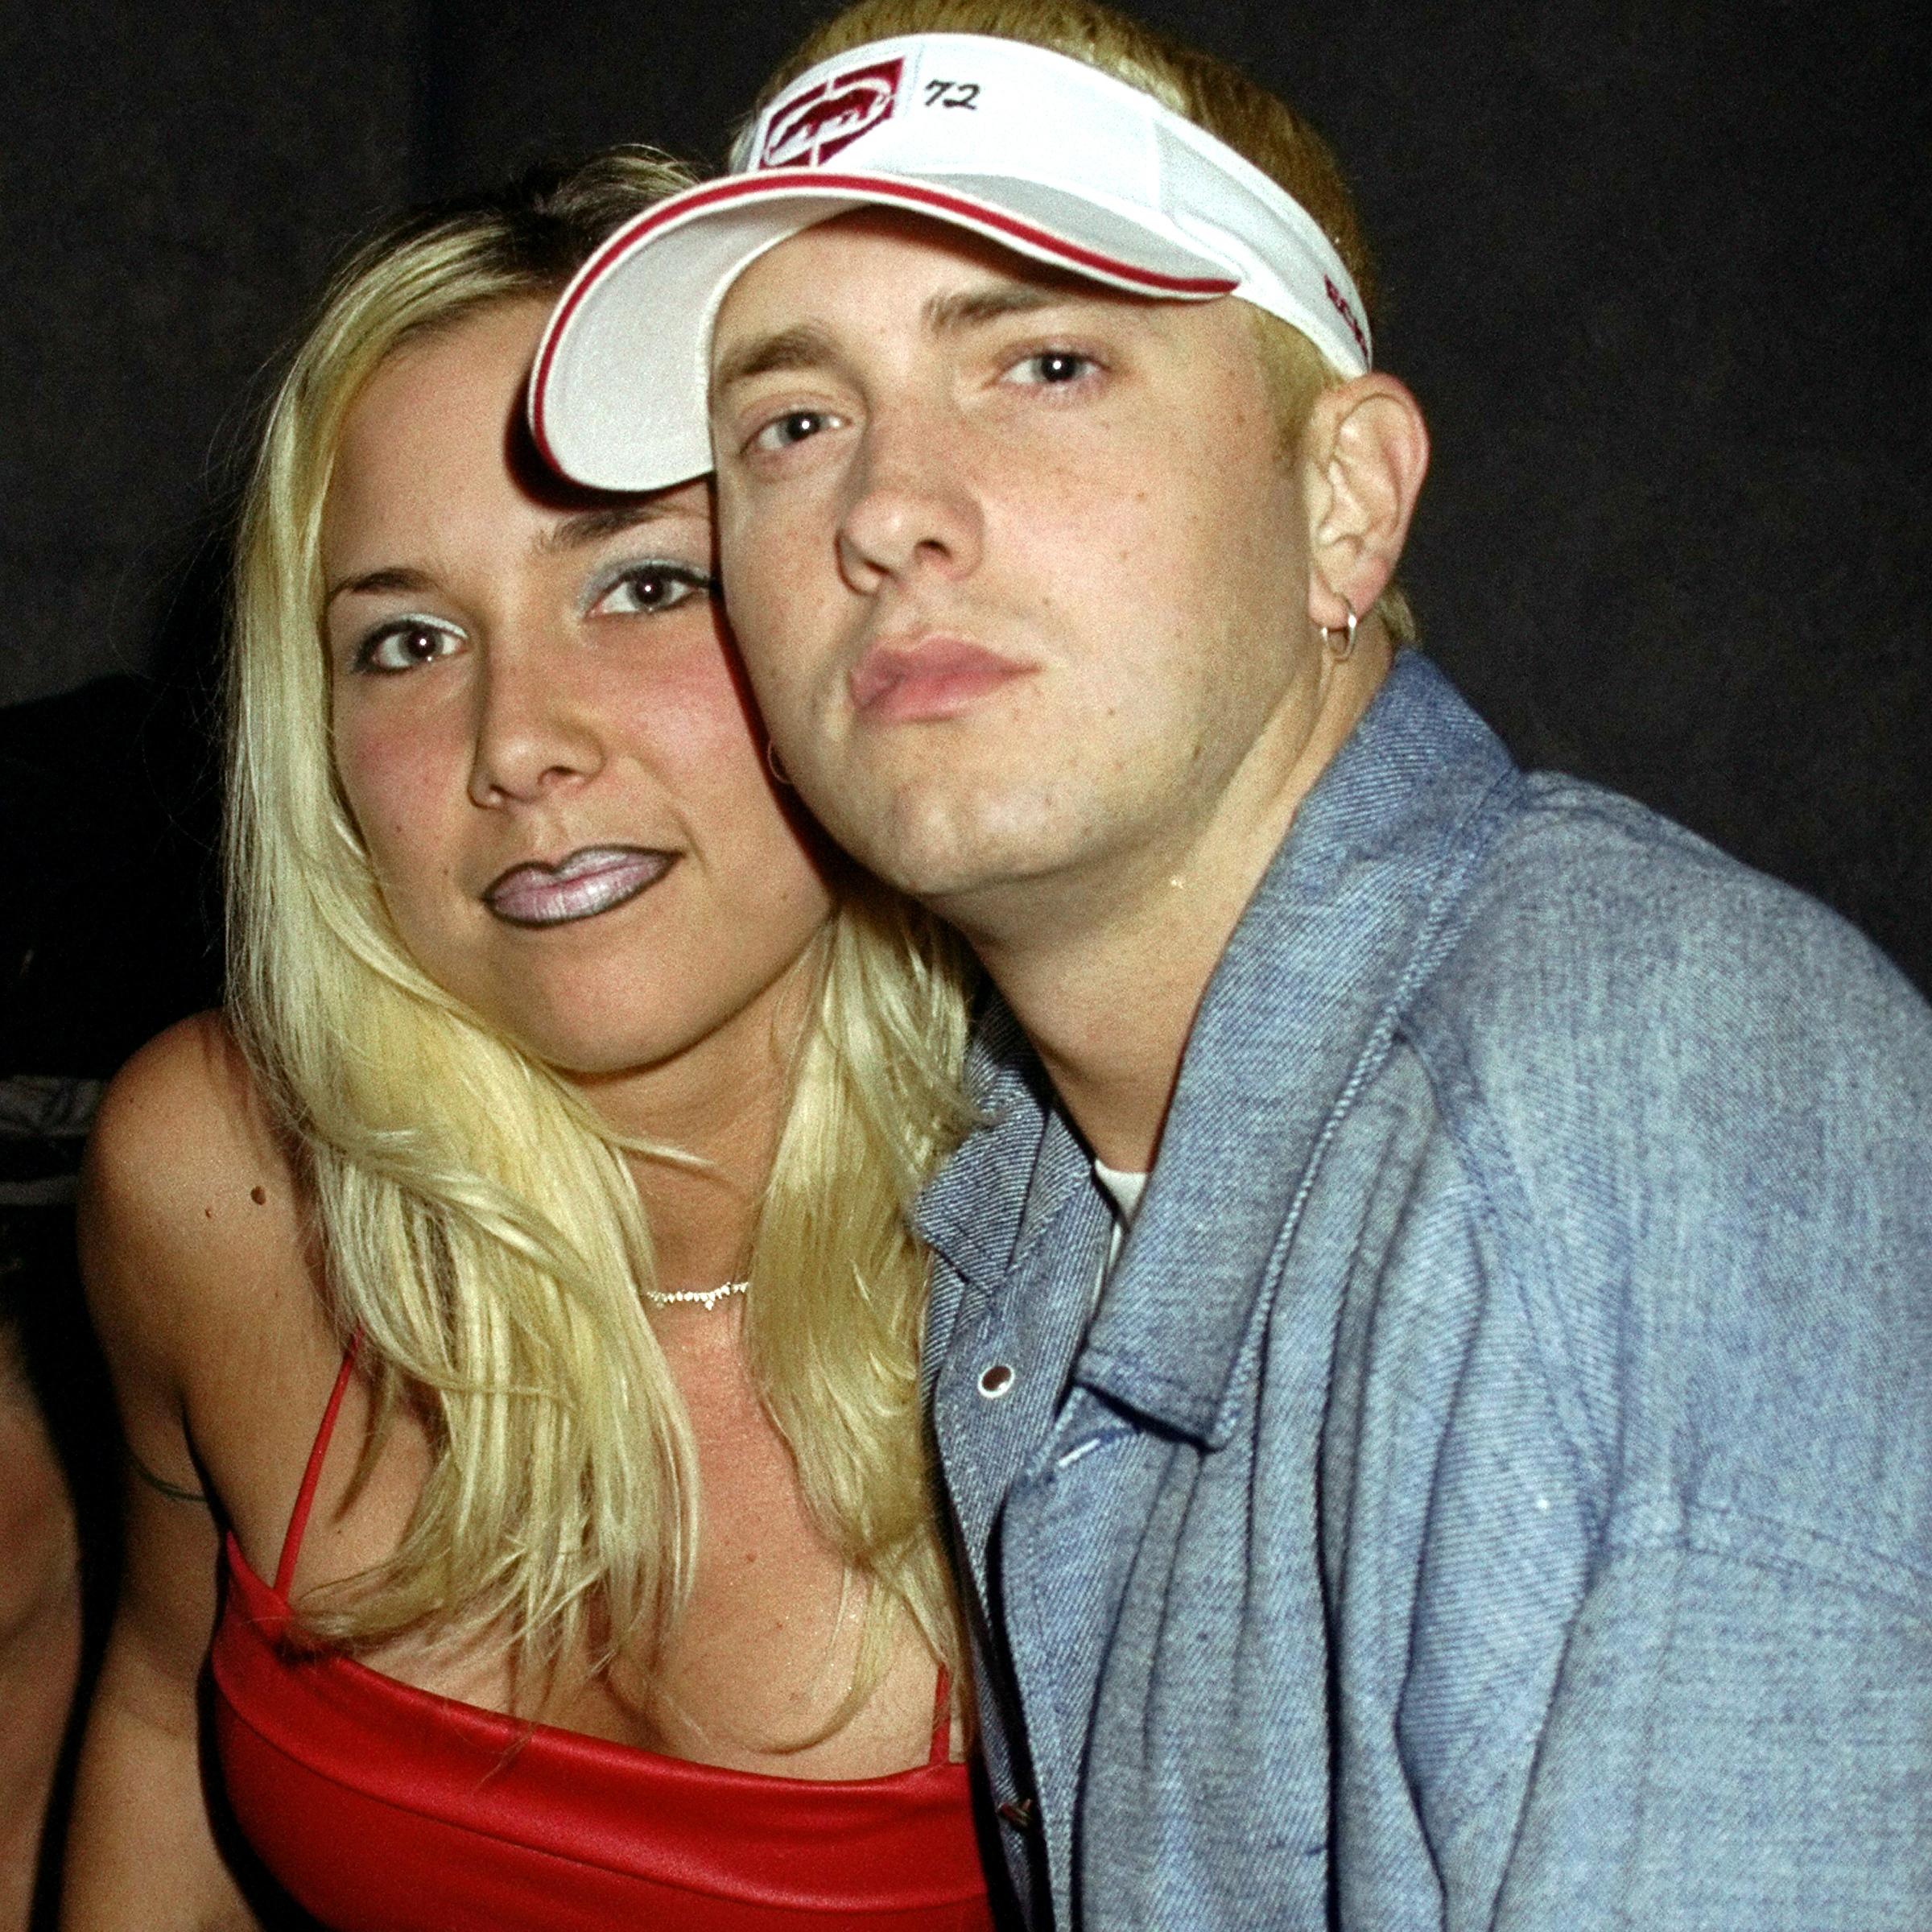 heeft Eminem hebben een grote lul man maken vrouw spuiten